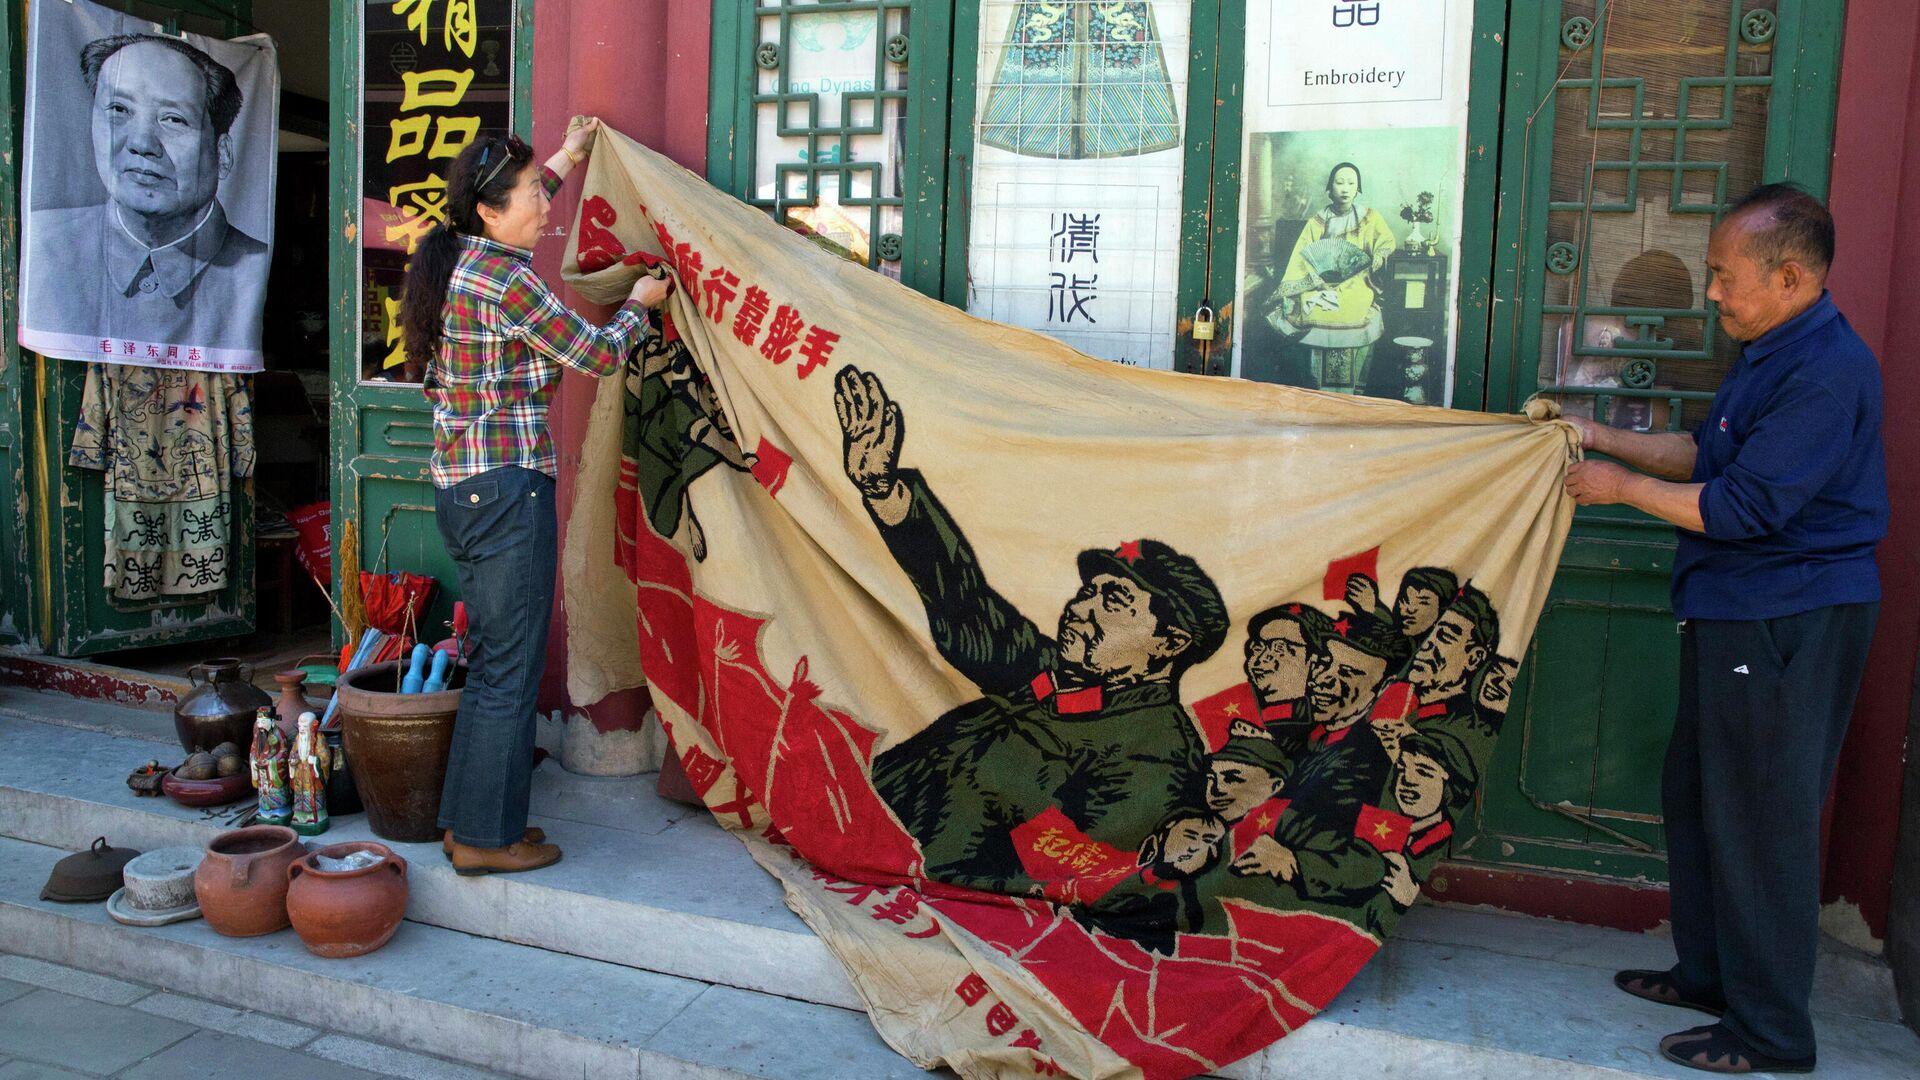 Продавцы разворачивают плакат 1969 года с изображением бывшего китайского лидера Мао Цзэдуна на антикварном рынке в Пекине, Китай - РИА Новости, 1920, 09.09.2021